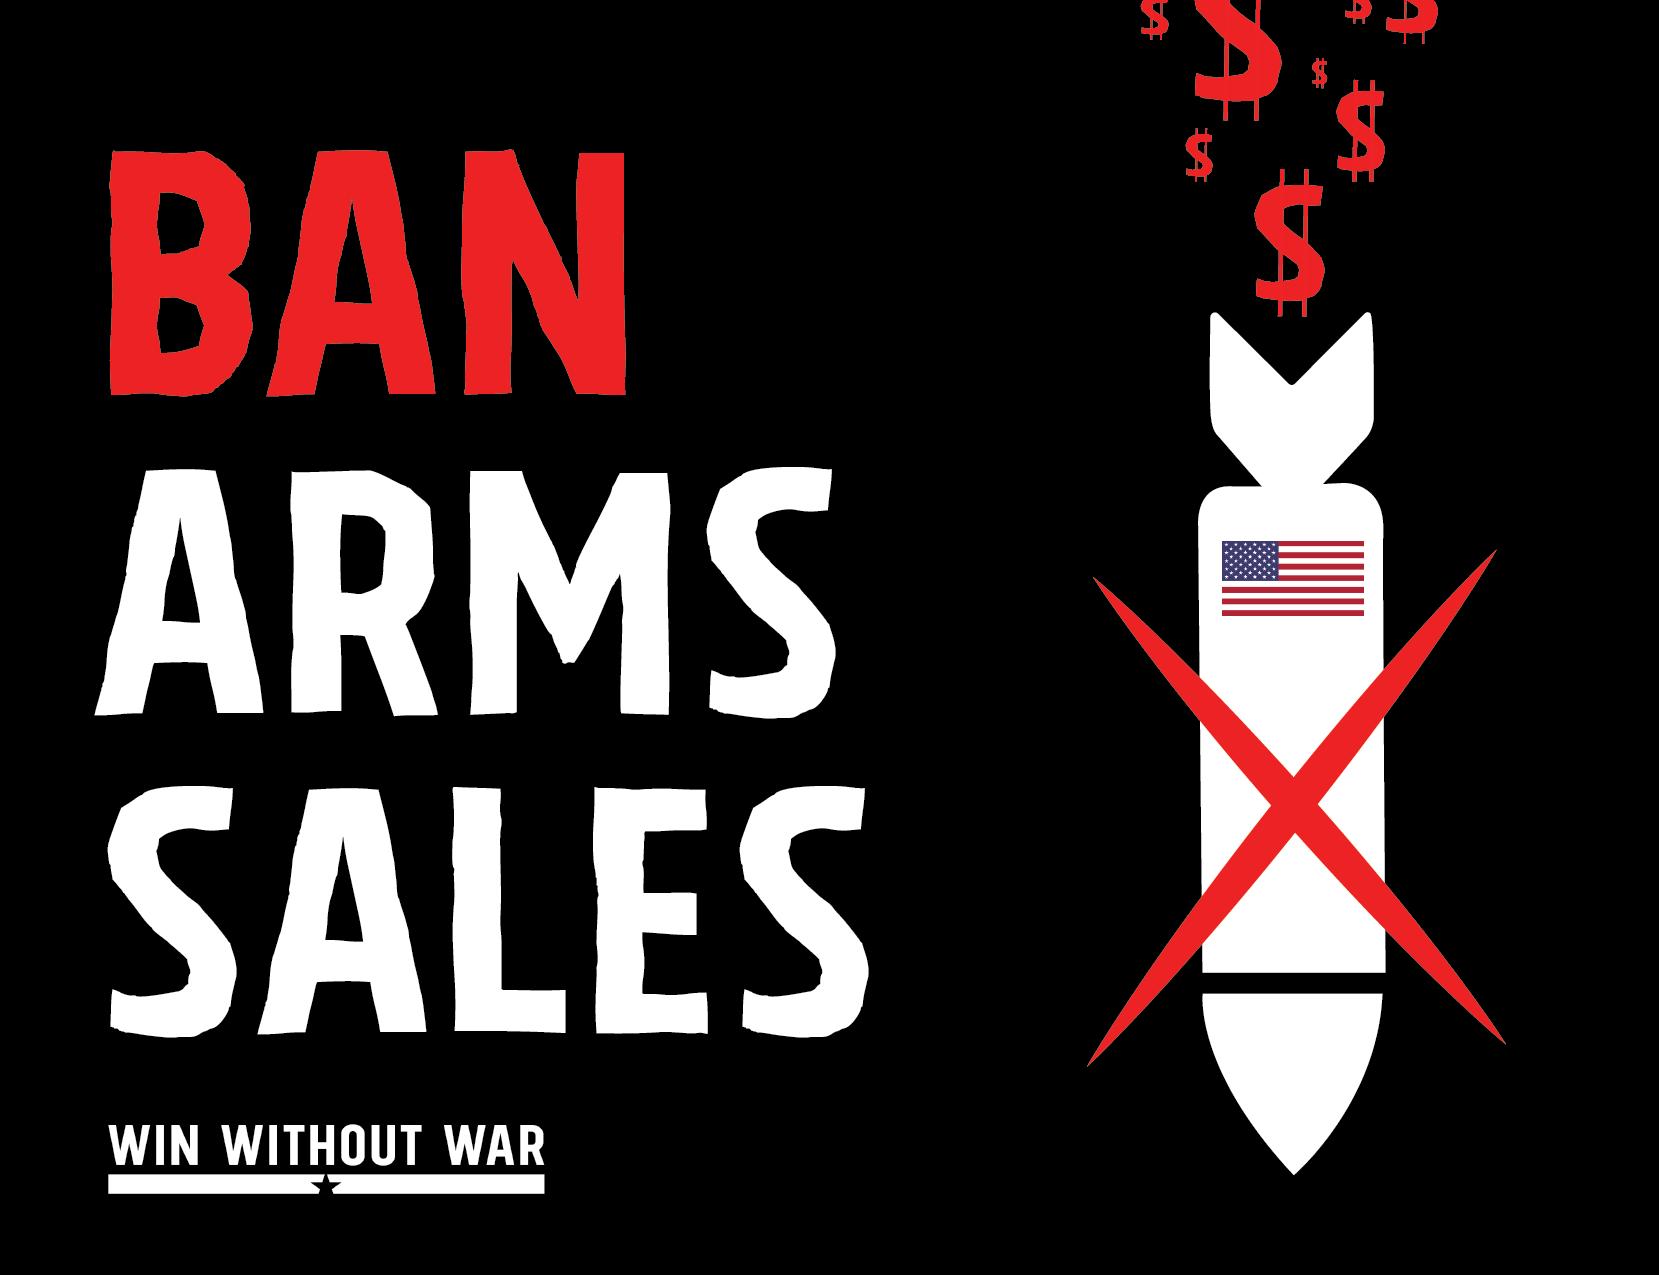 Dear Congress: Ban Arms Sales Now!